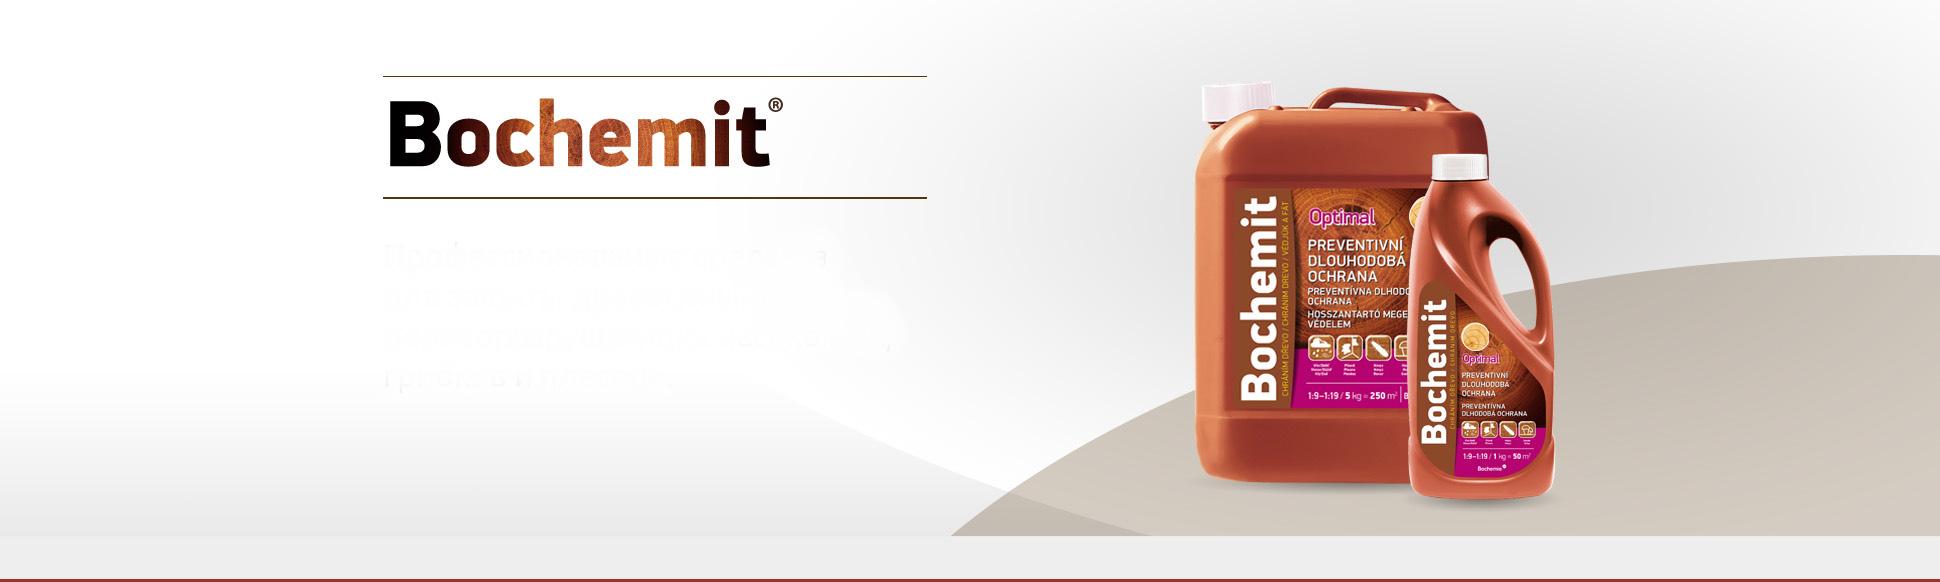 Бохемит - Защита древесины